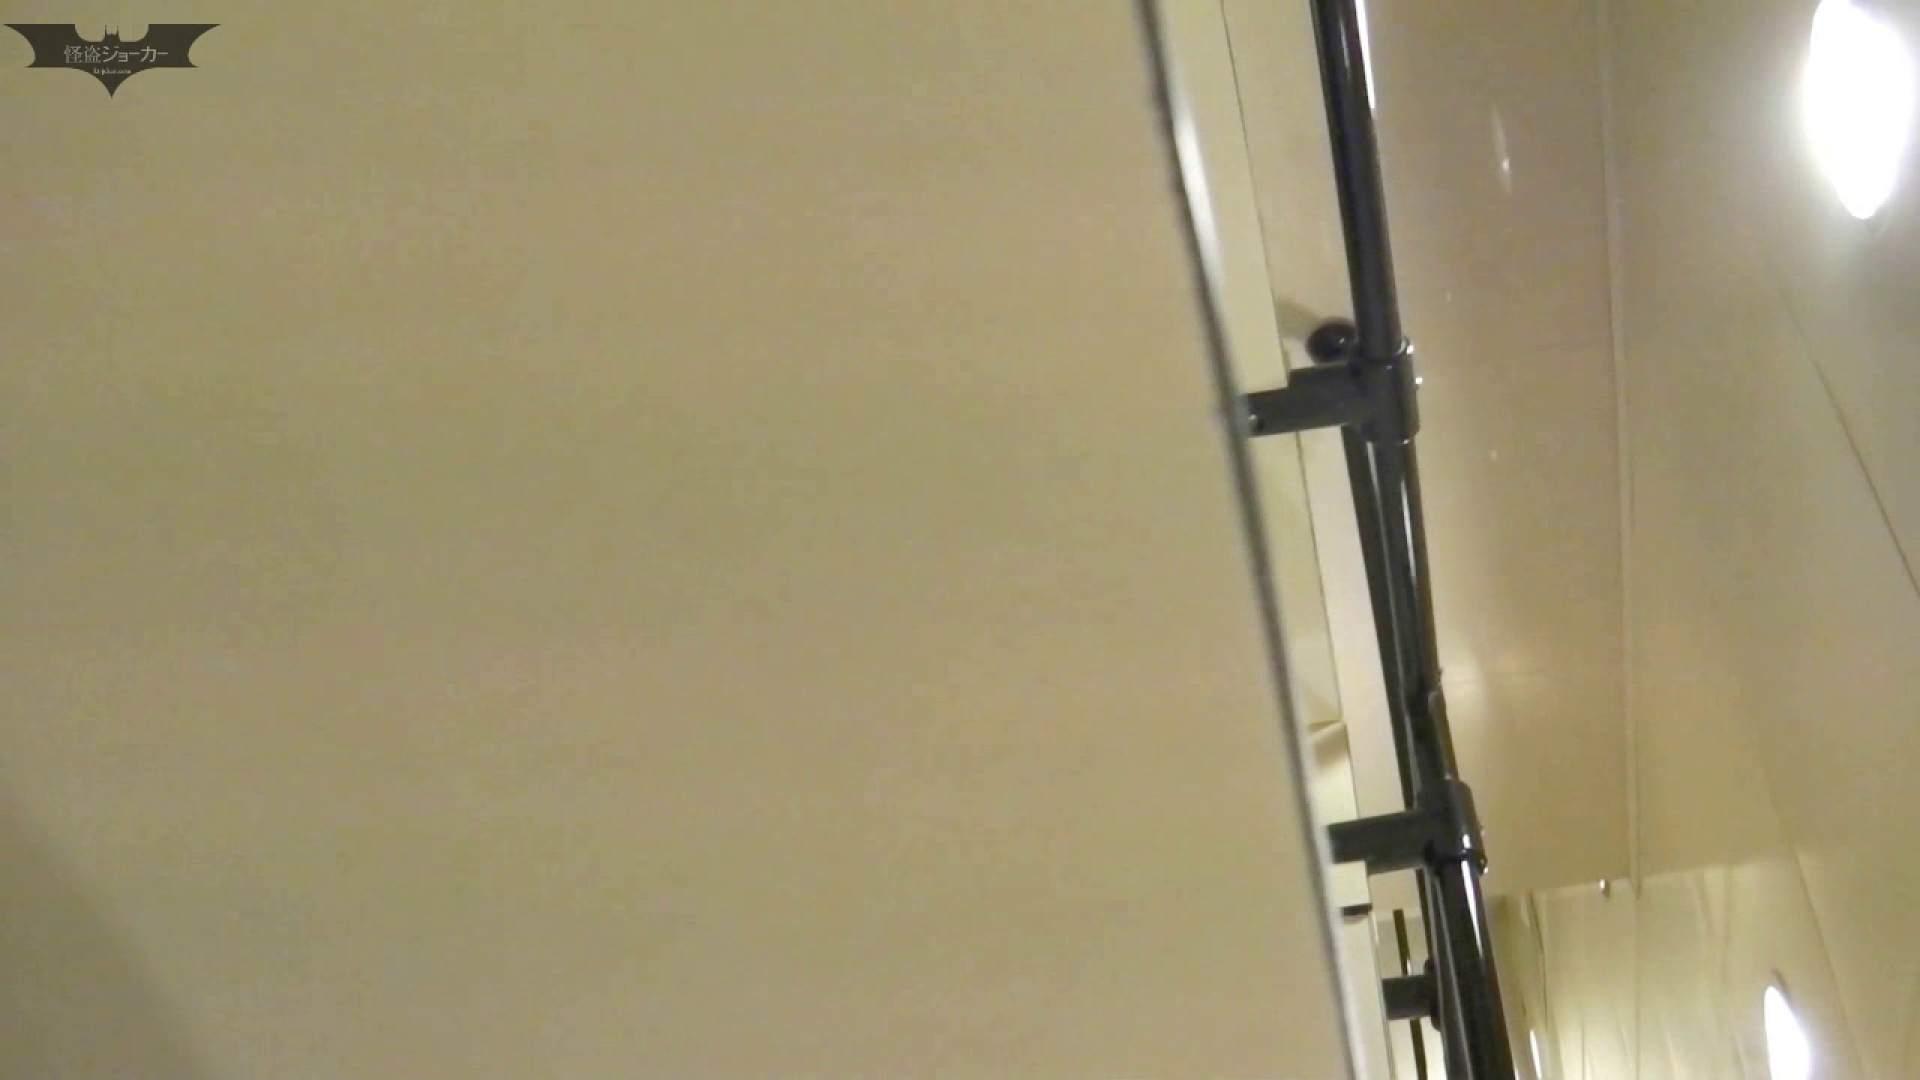 新世界の射窓 No61来ました!「ビジョビジョ」の美女達が・・・ 洗面所  98枚 88